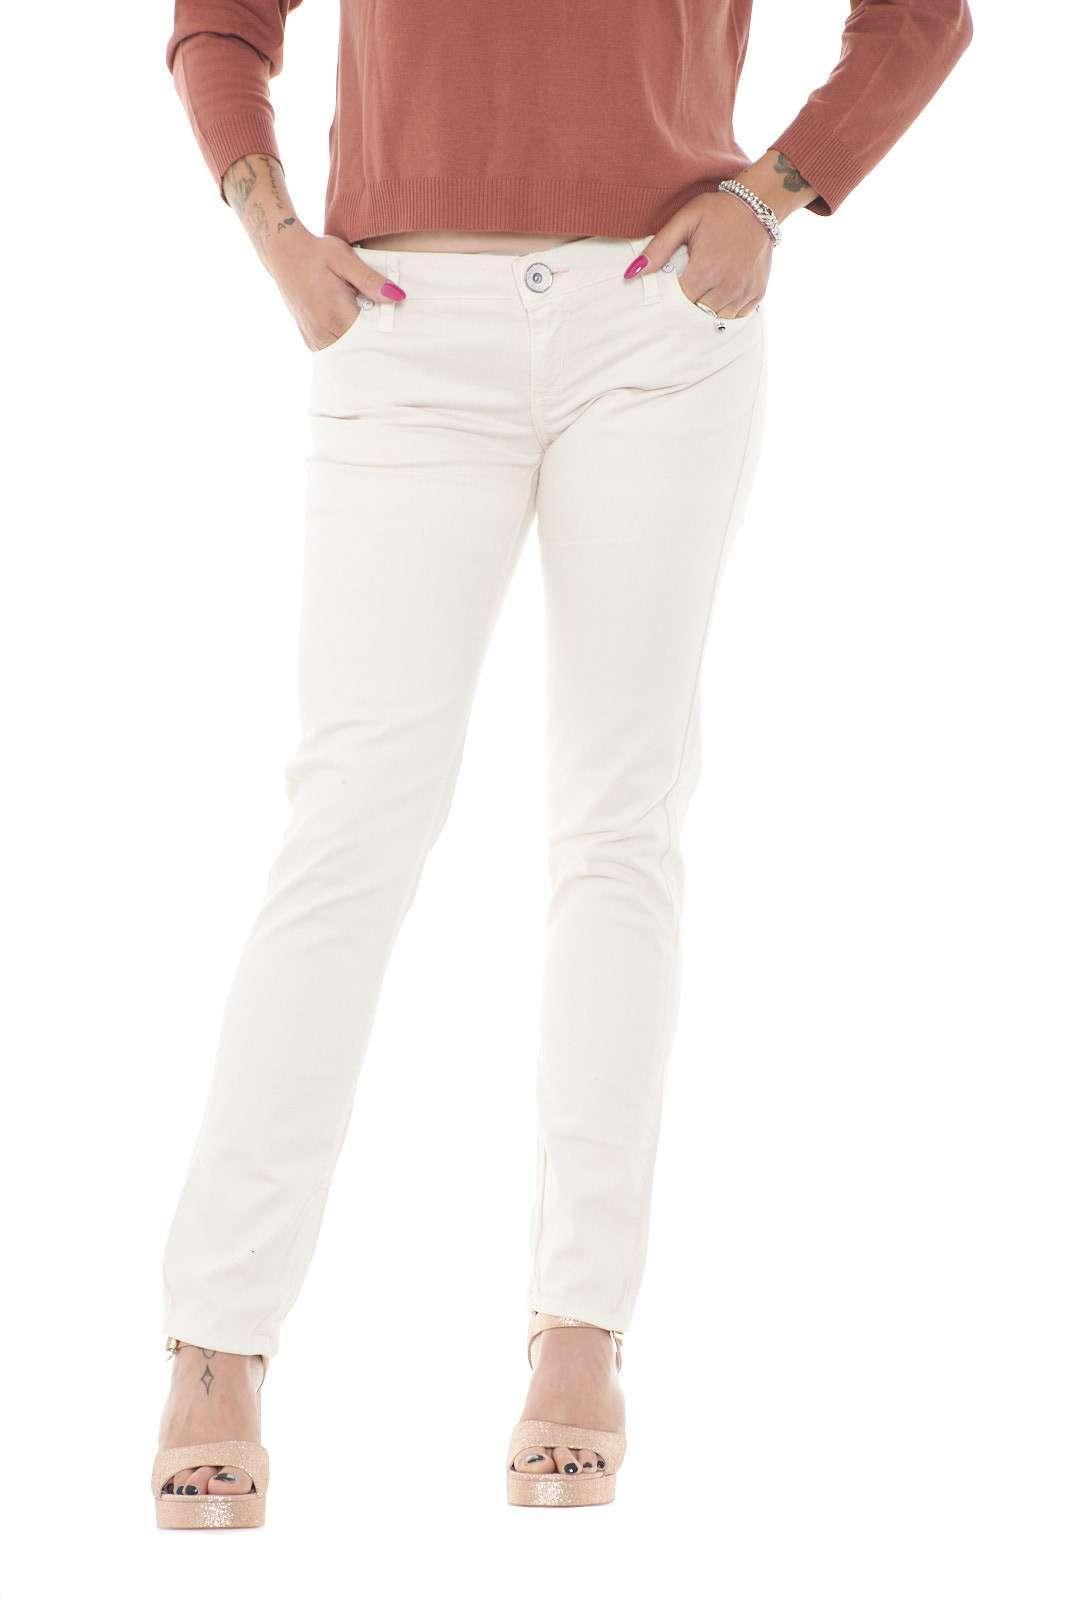 Un jeans semplice, che non ha bisogno di molte decorazioni, per risultare, pratico e versatile. Guess propone un modello in un colore pastello molto chiaro, per facilitare abbinamenti trendy e tipicamente estivi.